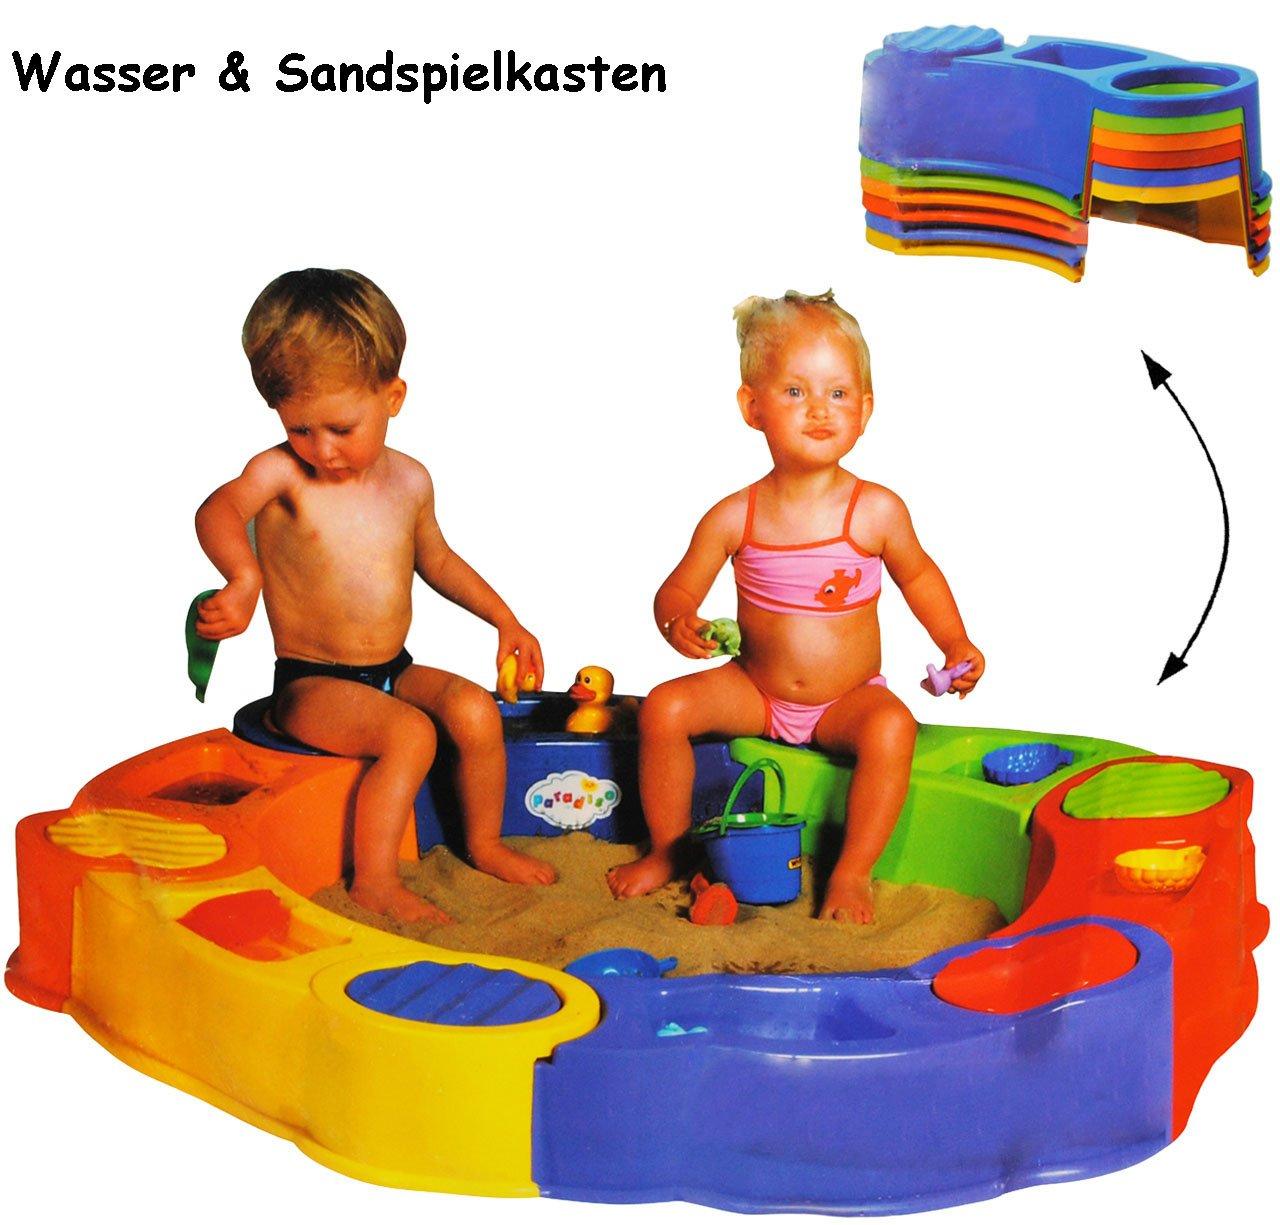 großer Sandkasten mit Wasser & Spielfächern -  bunt  - Ø 141 cm - 6 eckig - aus Kunststoff zum Stecken - mit Abdeckplane / Kunststoffsandkasten - Sandspielkasten mit Sitzfläche & Plane / Deckel / Dach - Sandkiste - Plastiksandkasten - Wasserlandschaft - Gartenspielzeug - Wasserbecken - Spielzeug Ablage / Strandspielzeug - Sandspielzeug - Wasserspielzeug - Paradiso